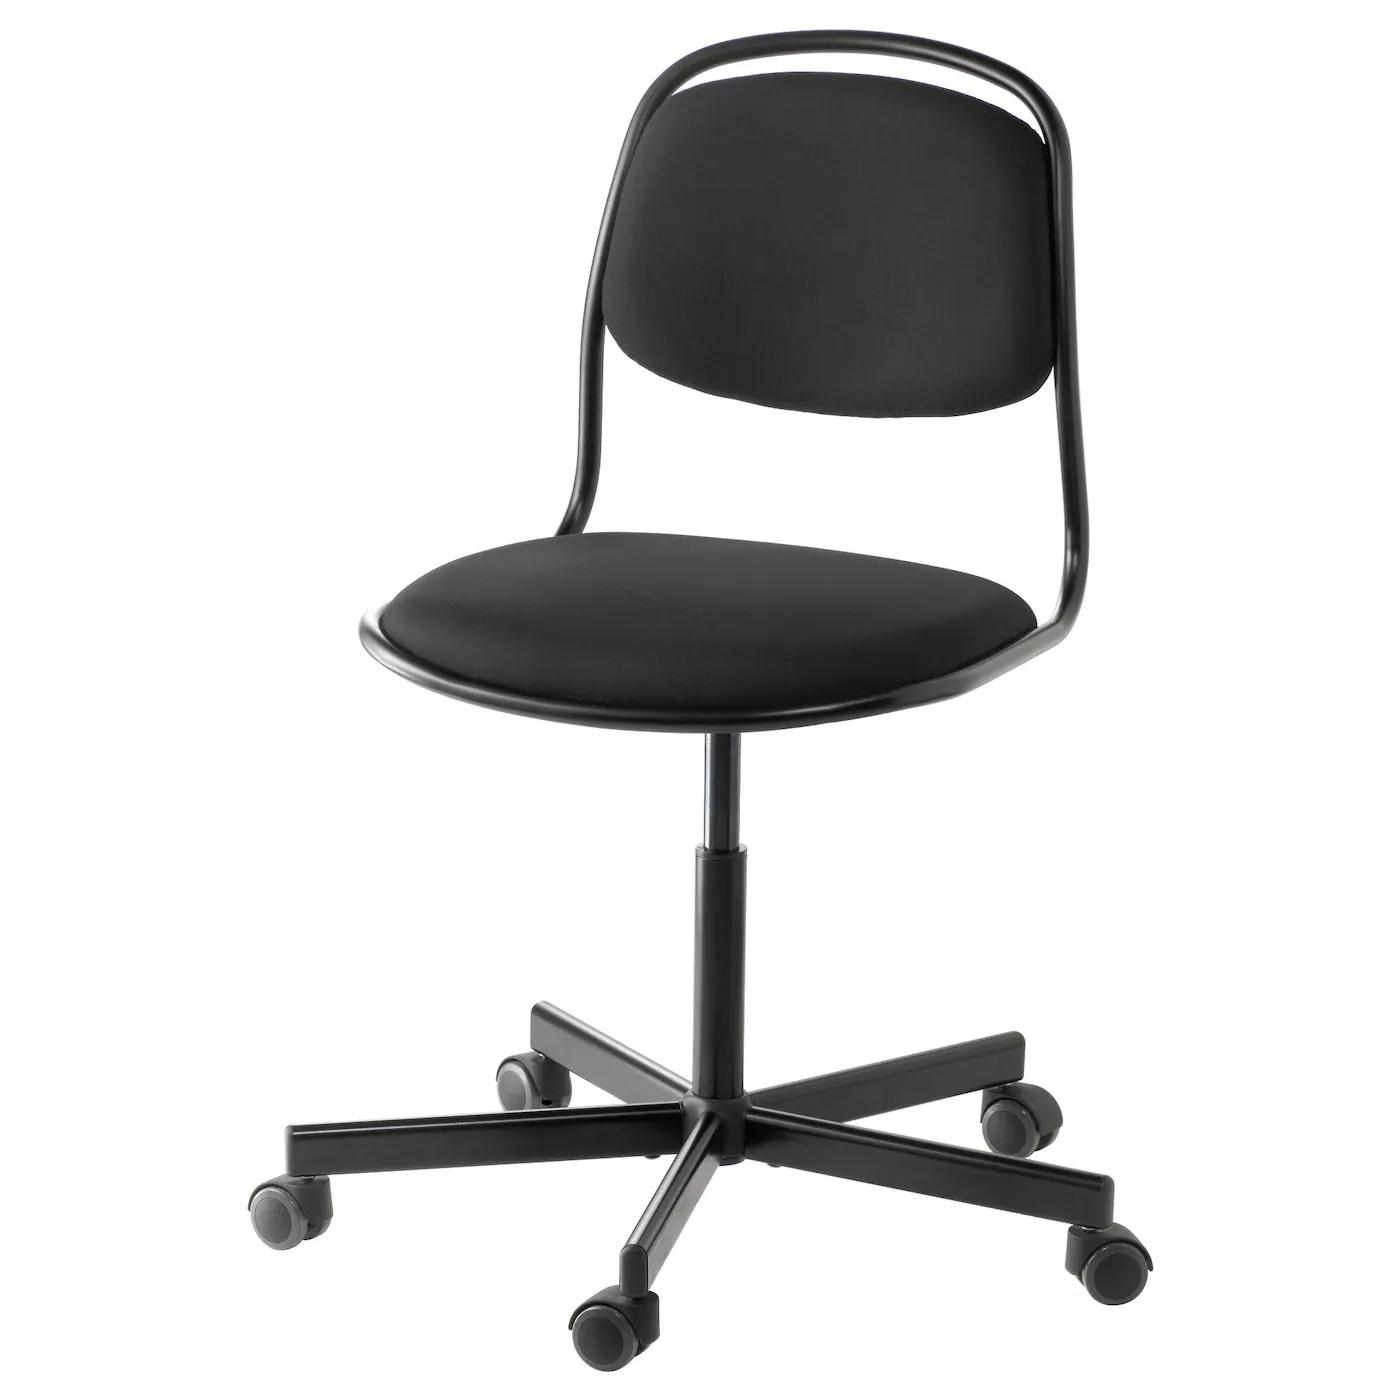 swivel chairs ikea coors light chair ÖrfjÄll sporren black